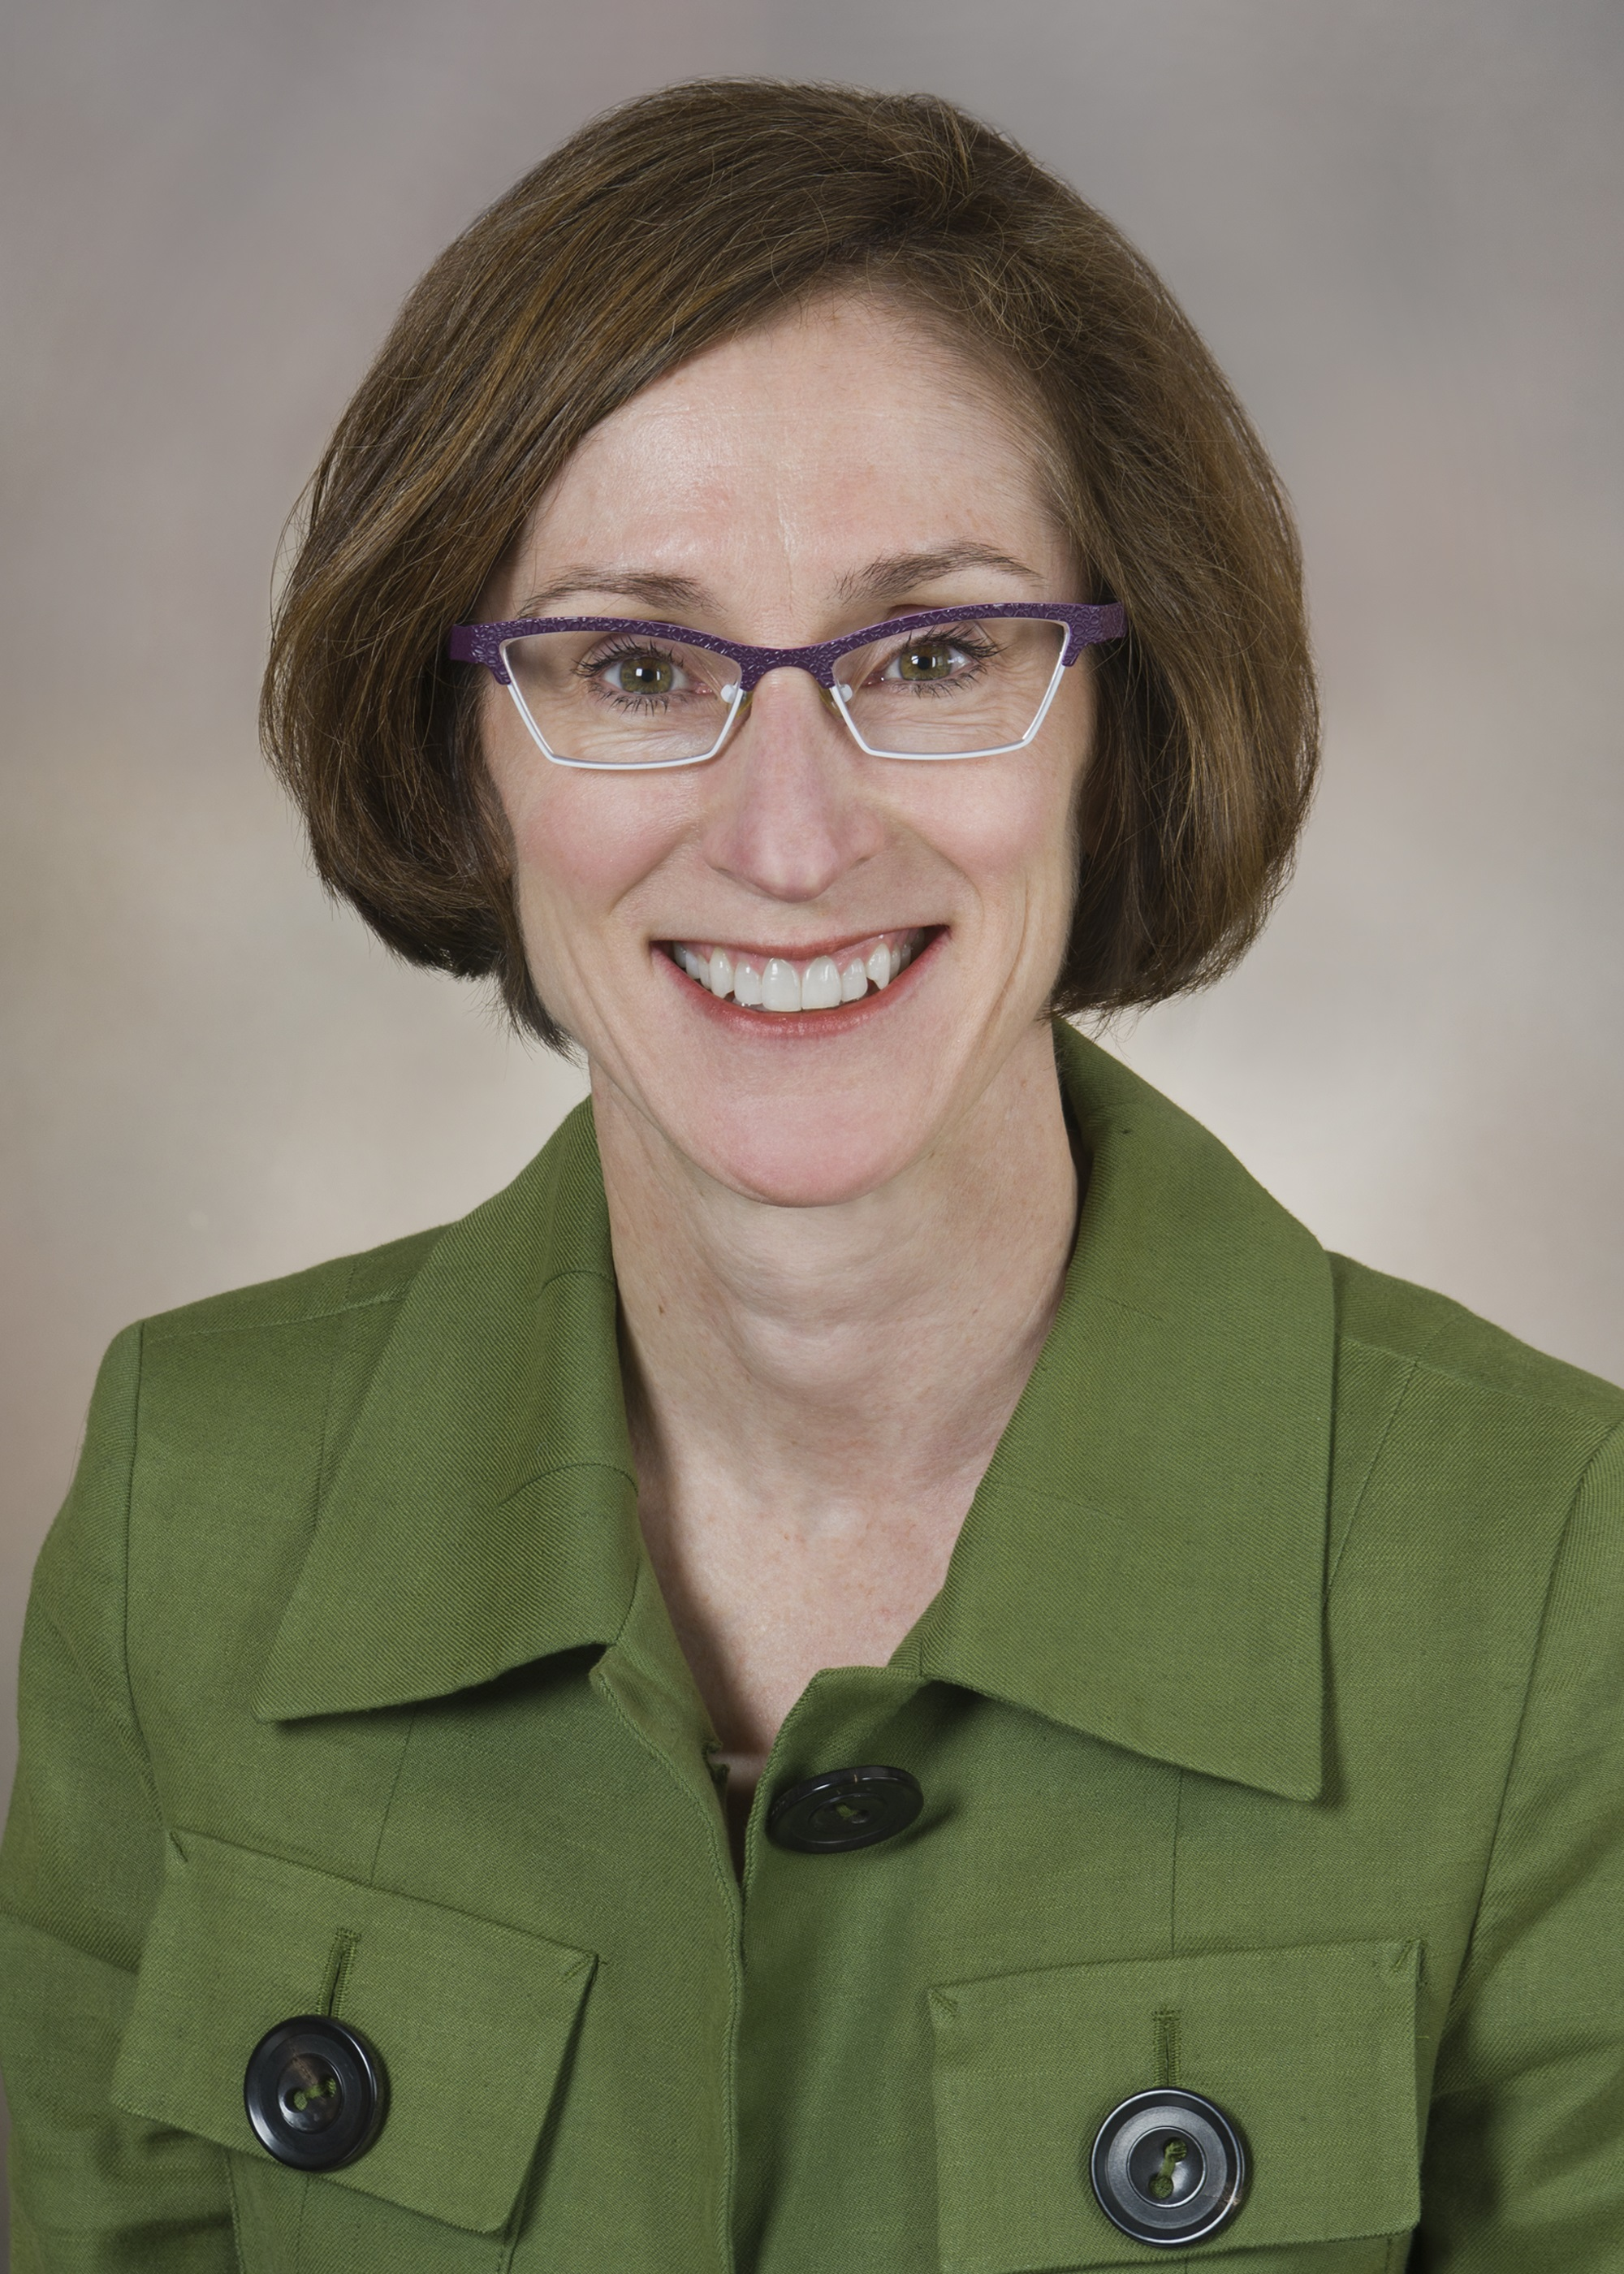 Dr Karen Brasel